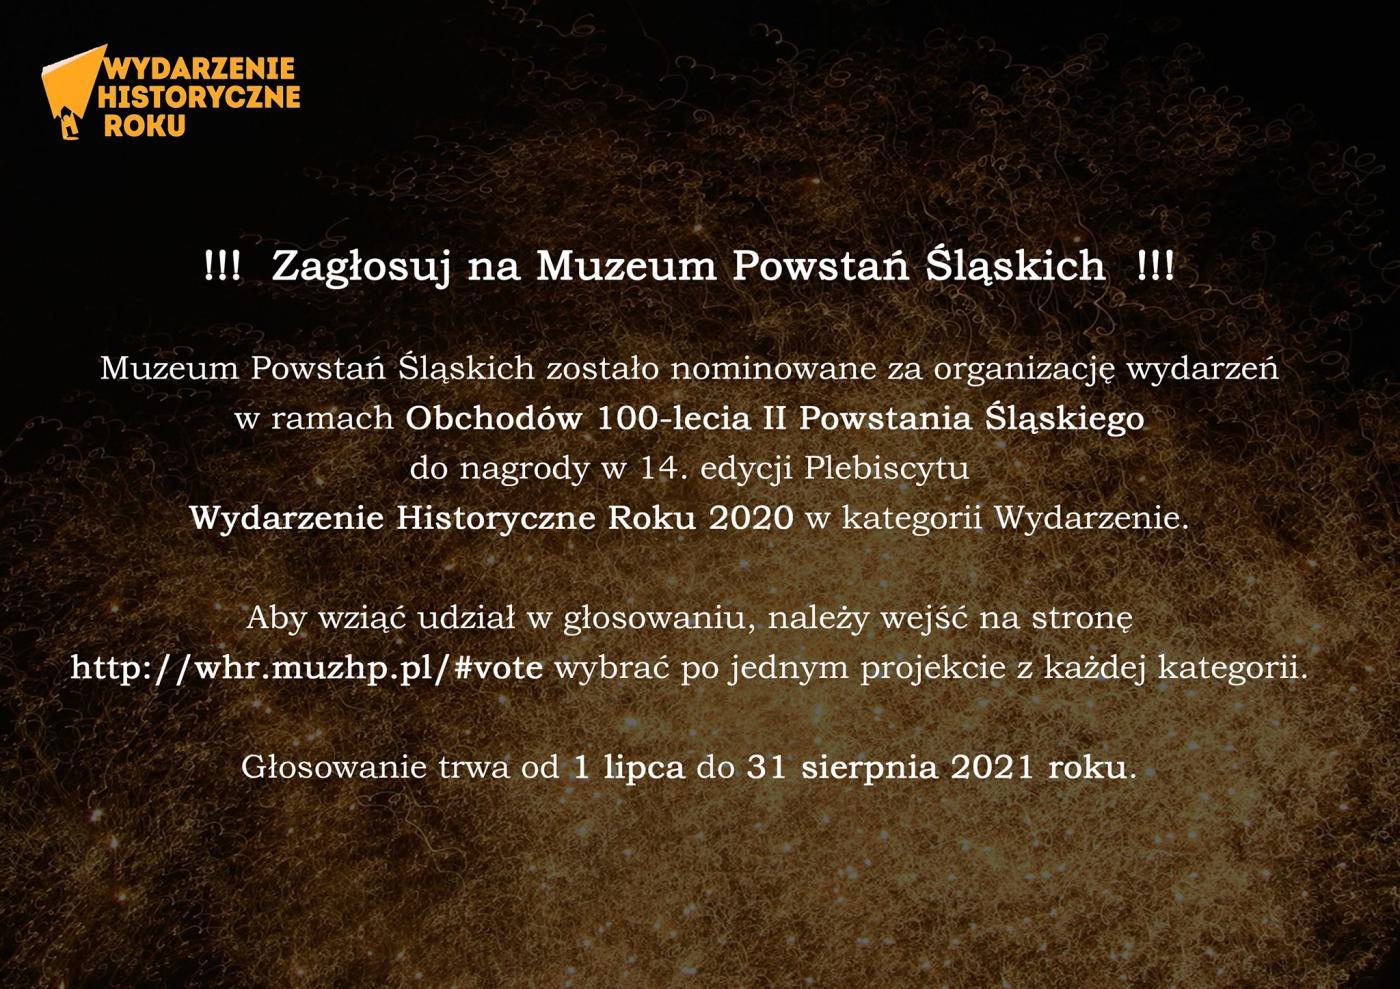 Muzeum Powstań Śląskich nominowane do Wydarzenia Historycznego Roku 2020